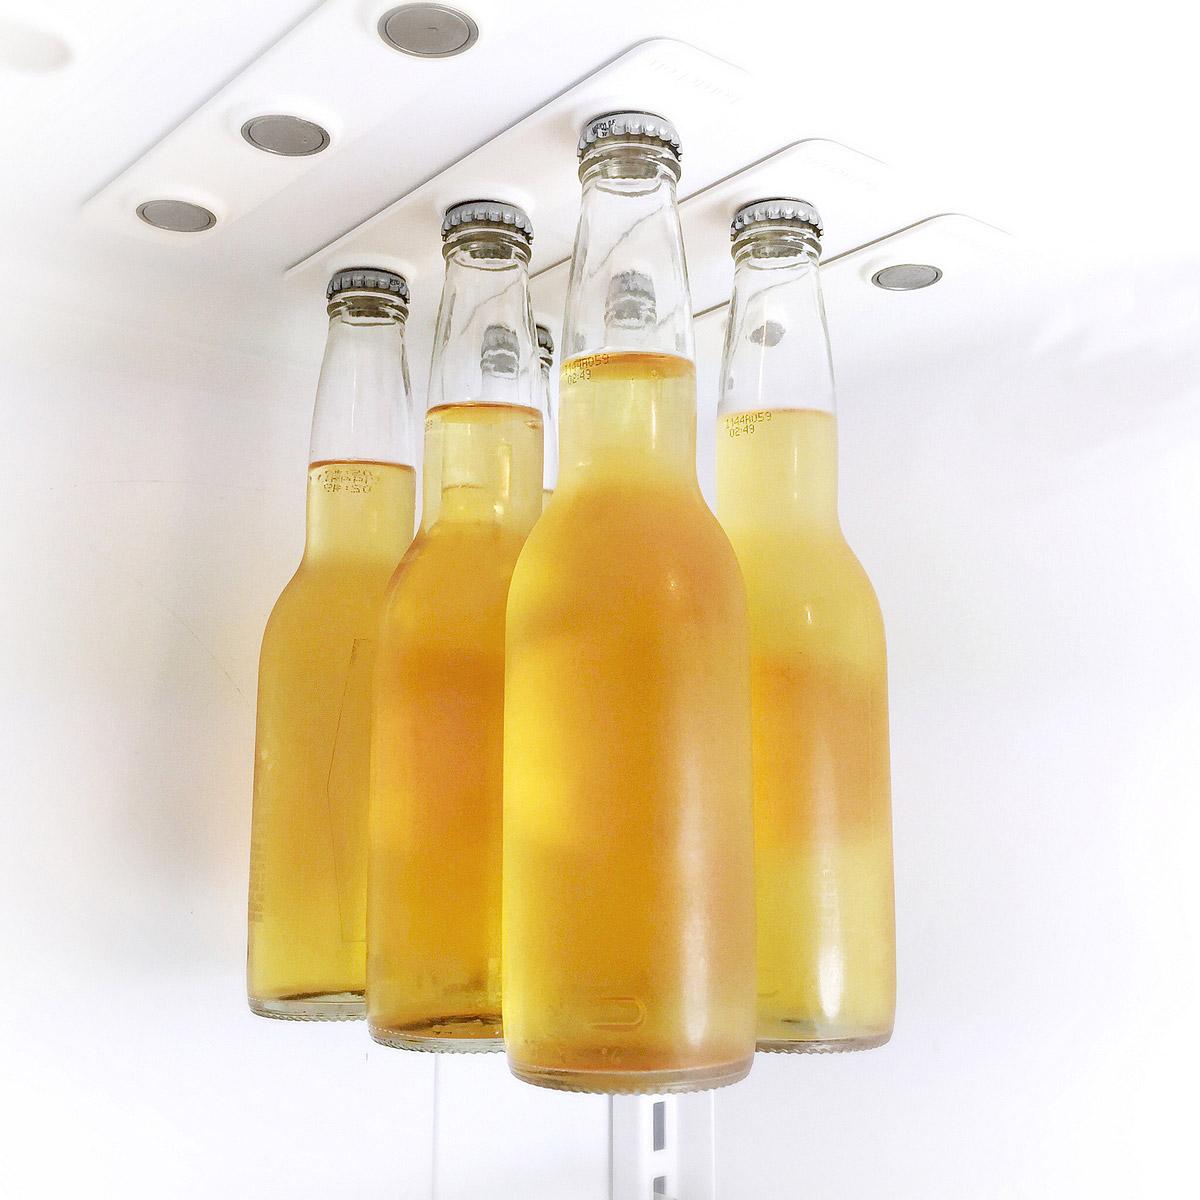 BottleLoft item 26421